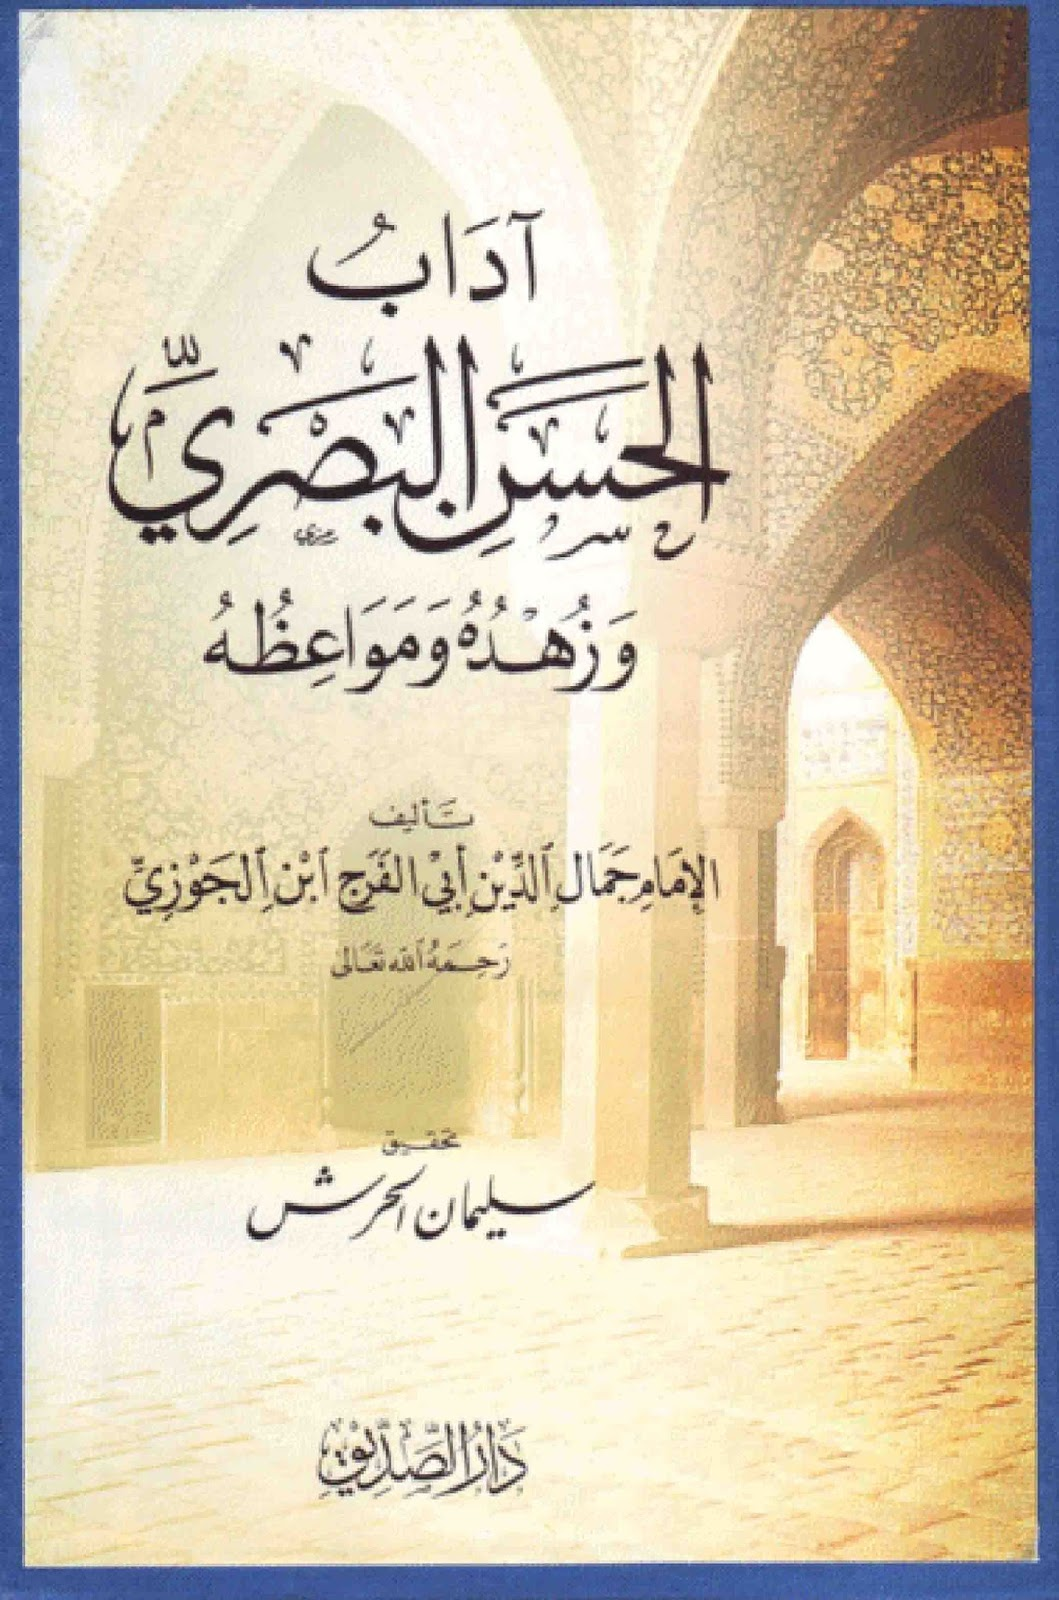 كتاب الاستغفار الحسن البصري